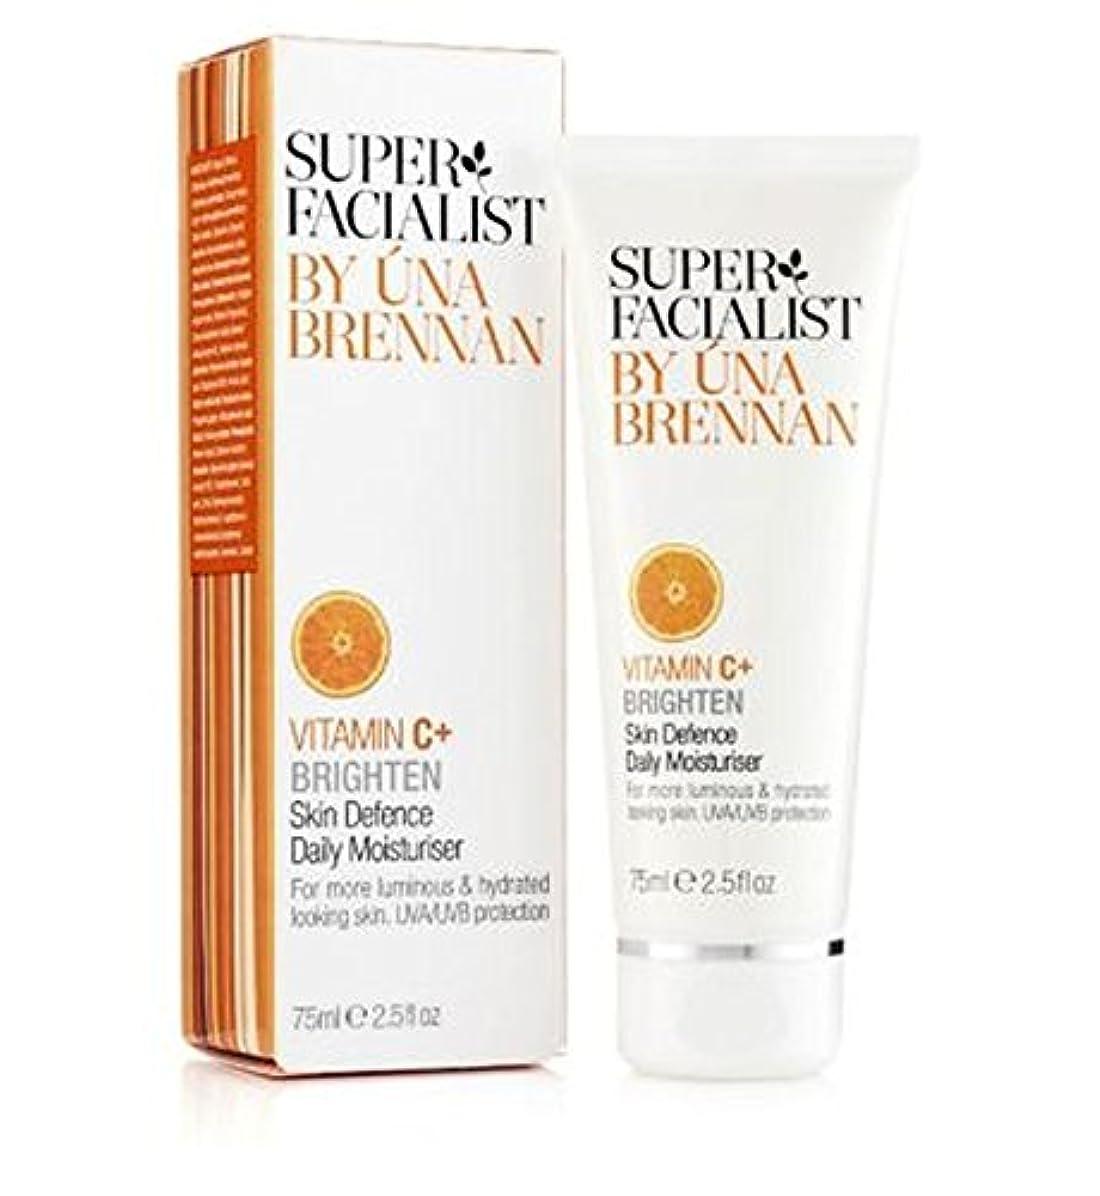 平和的交渉する翻訳するSuper Facialist Vitamin C+ Skin Defence Daily Moisturiser 75ml - スーパーFacialistのビタミンC +皮膚の防衛毎日の保湿75ミリリットル (Superfacialist...